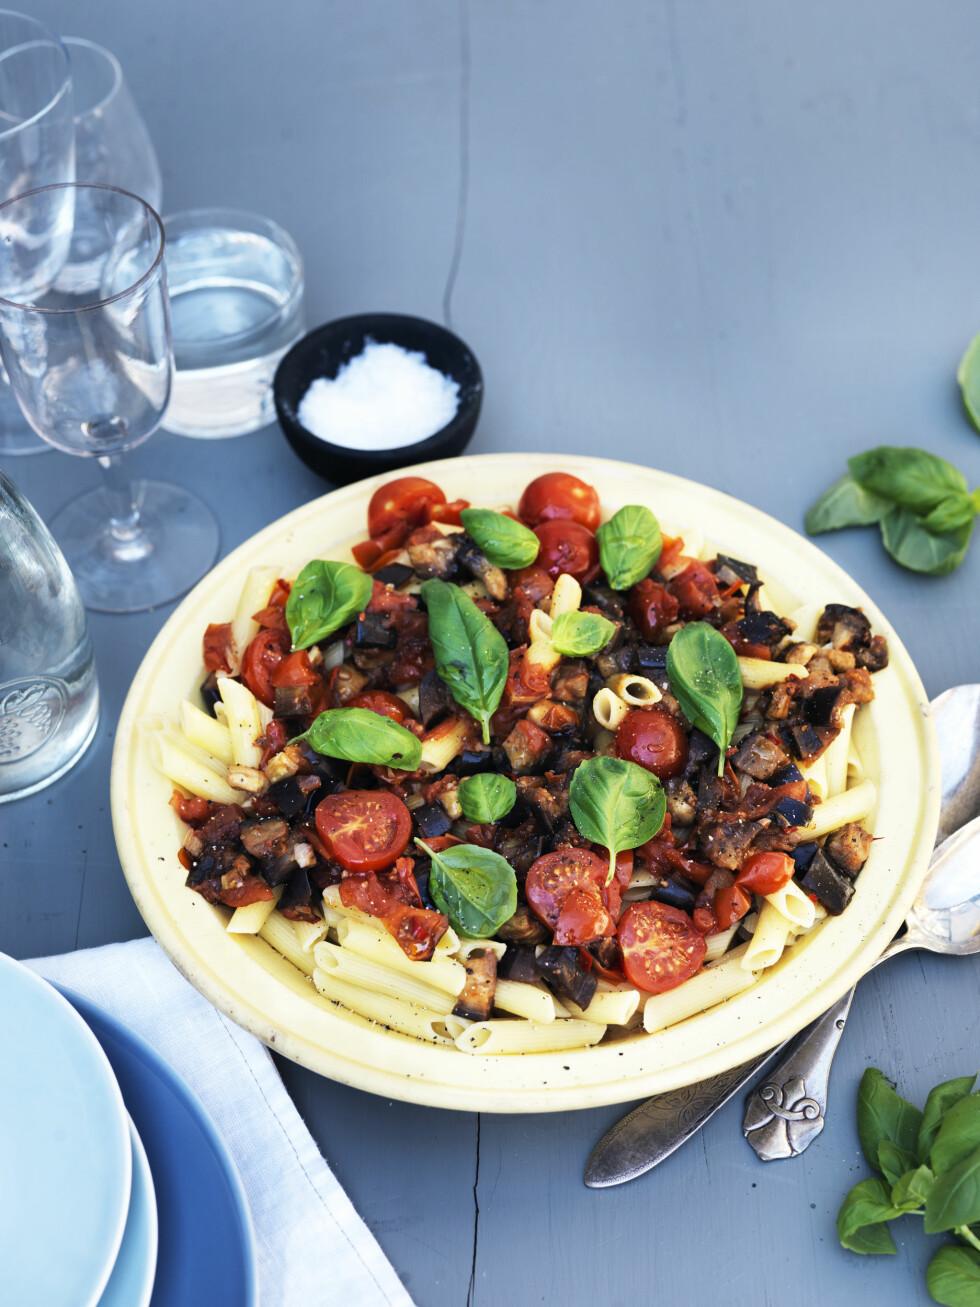 <strong>FYLDIG:</strong> De stekte aubergineterningene gjør tomatsausen ekstra fyldig, så man ikke savner kjøtt i retten. Foto: All Over Press